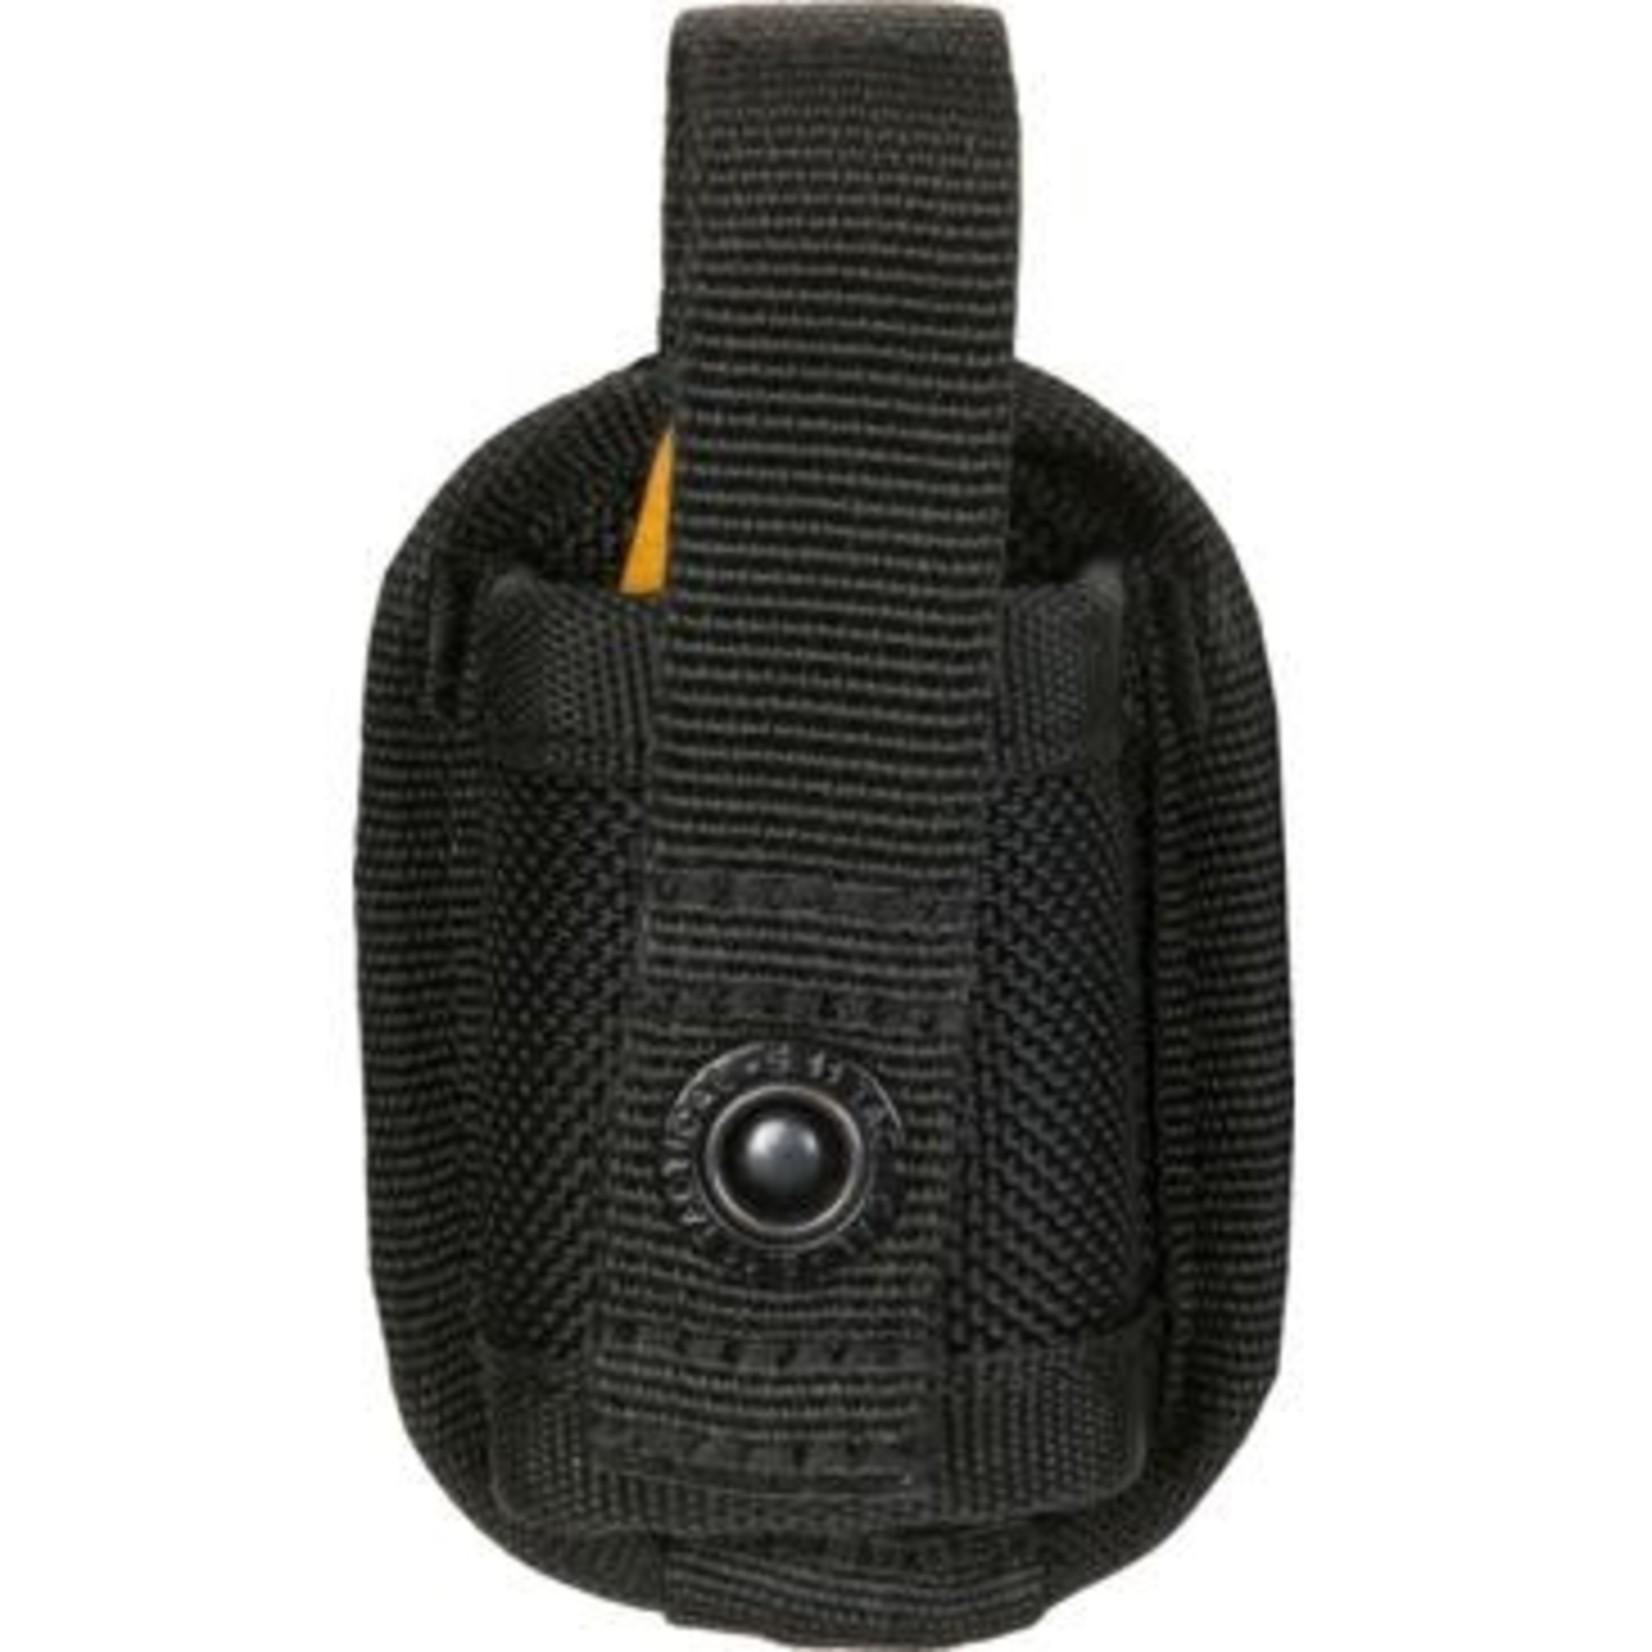 5.11 Tactical 5.11 SB Baton Loop